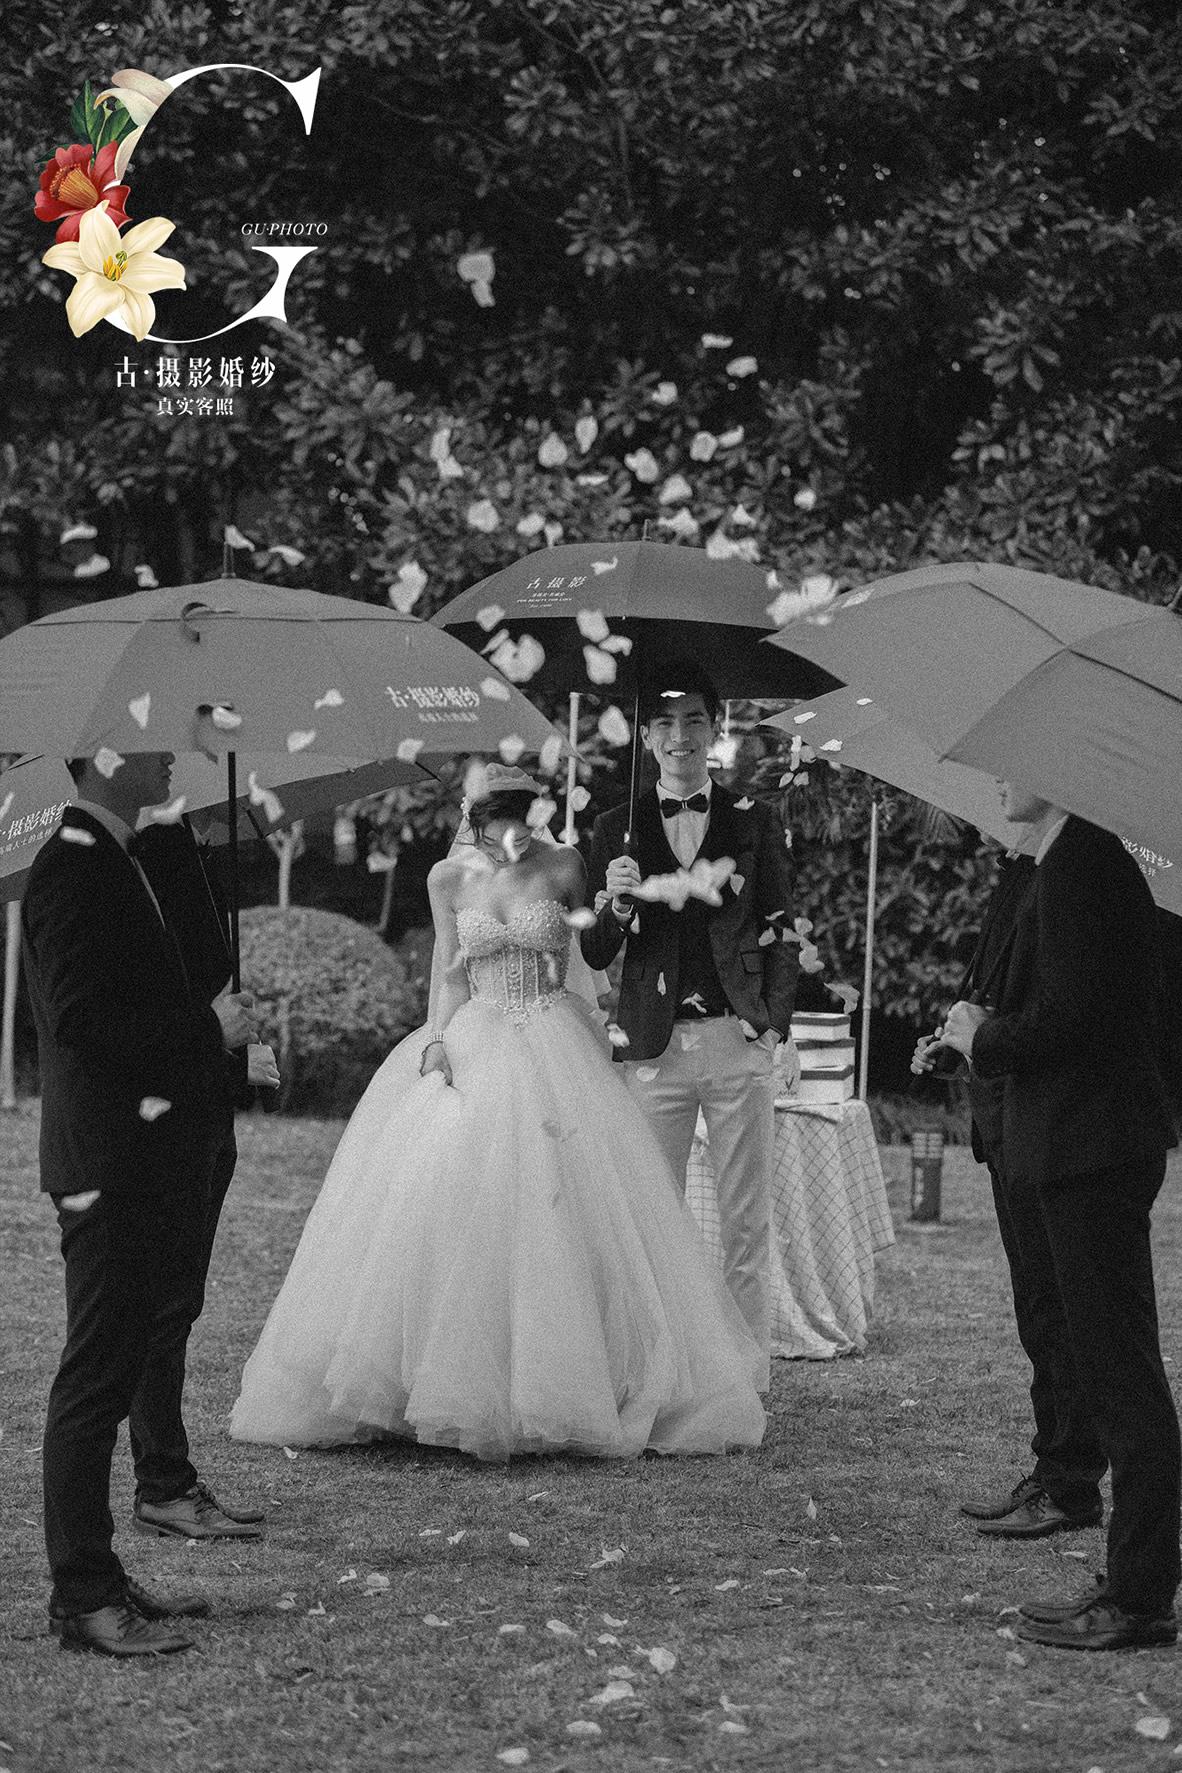 婚禮現場 - 婚紗景點客照 - 古攝影婚紗藝術-古攝影成都婚紗攝影藝術攝影網